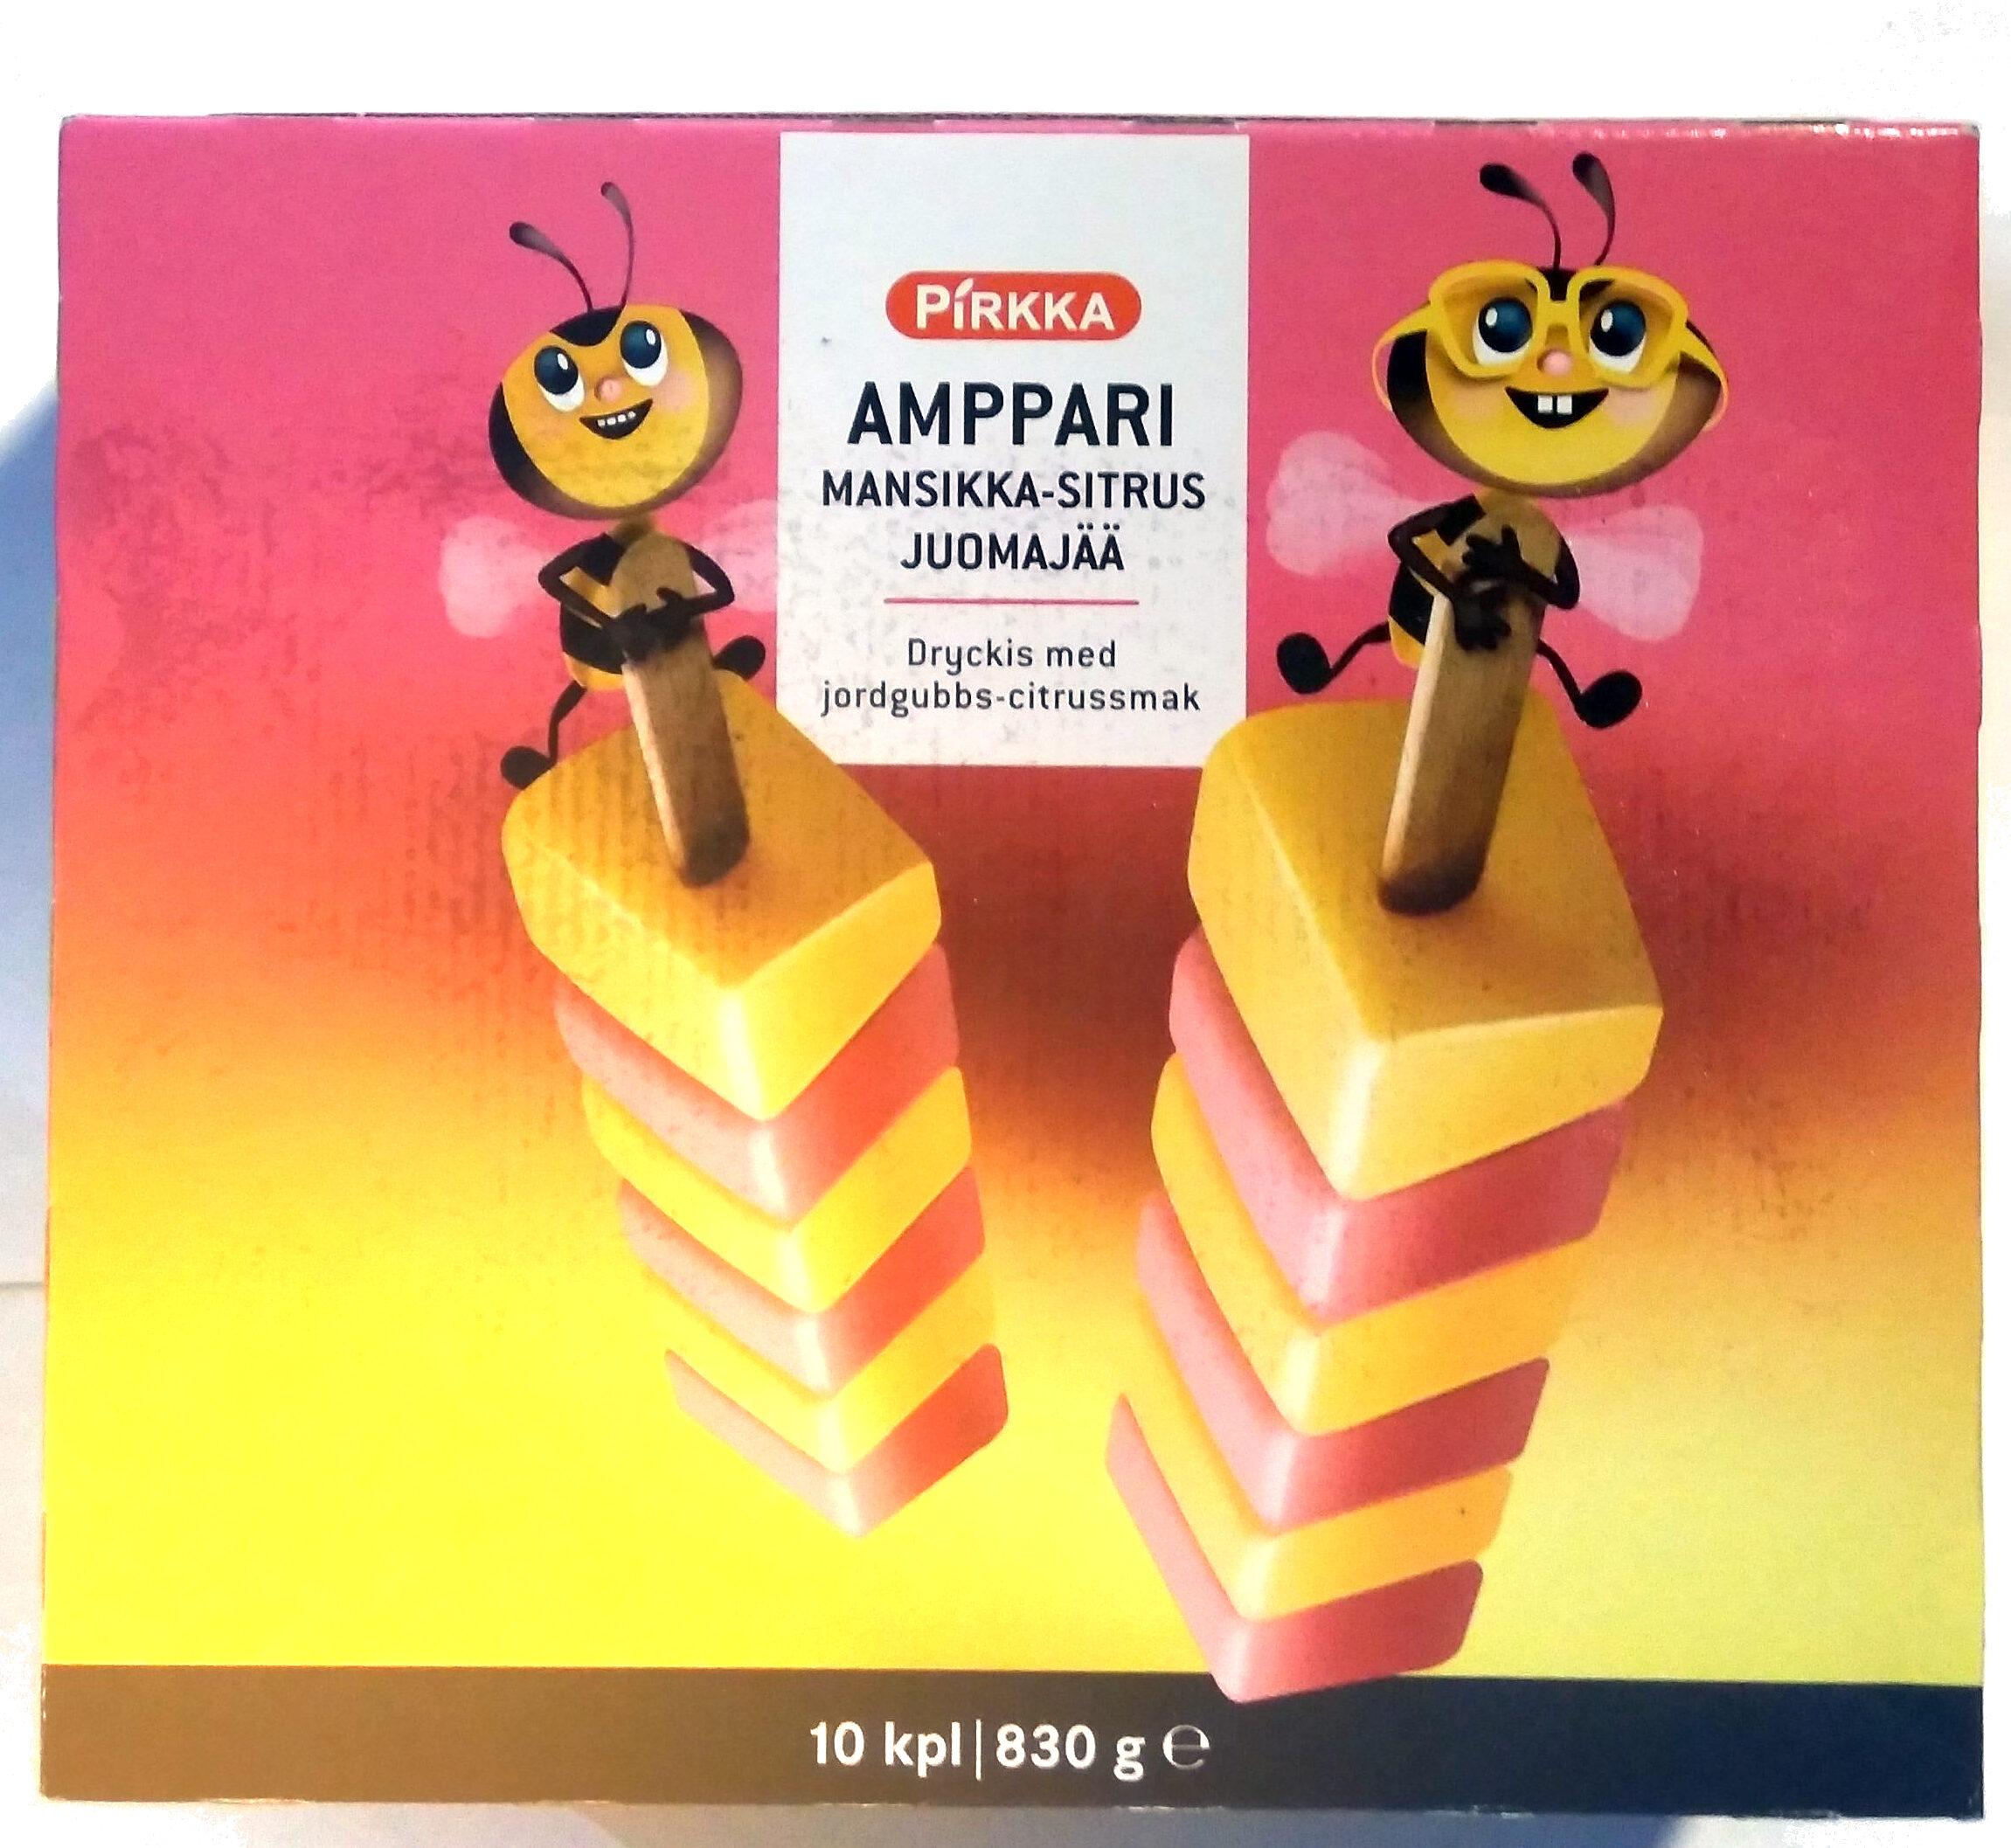 Amppari mansikka-sitrus juomajää - Product - fi